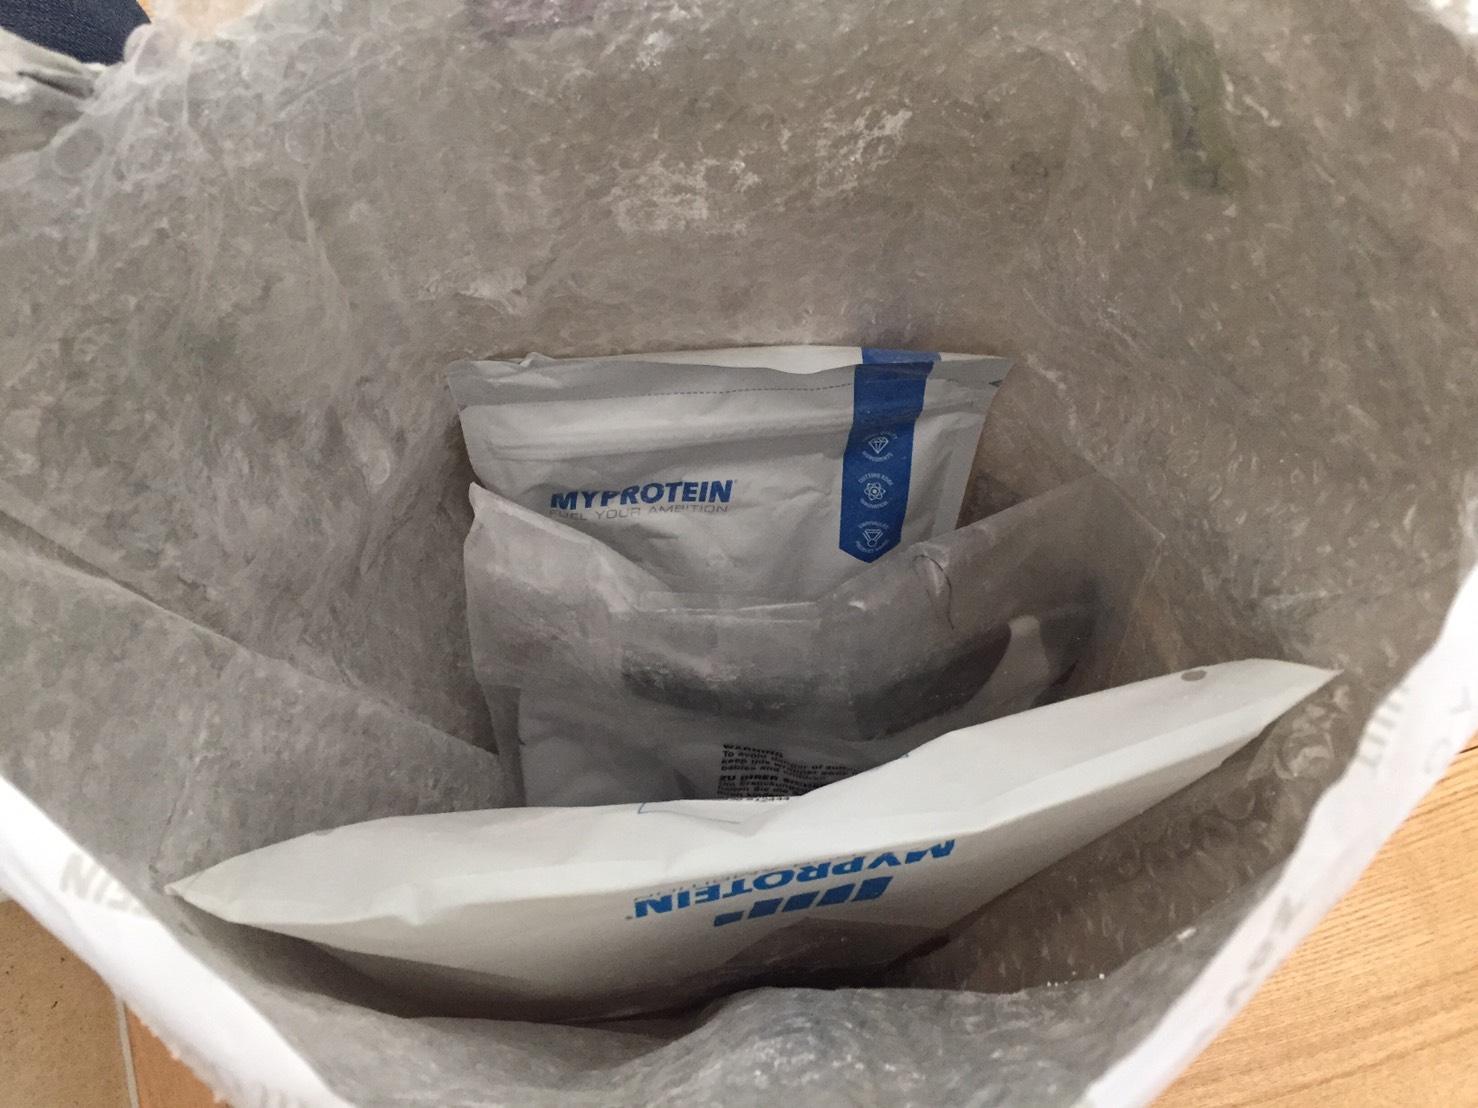 マイプロテイン商品が運送中に破損した様子